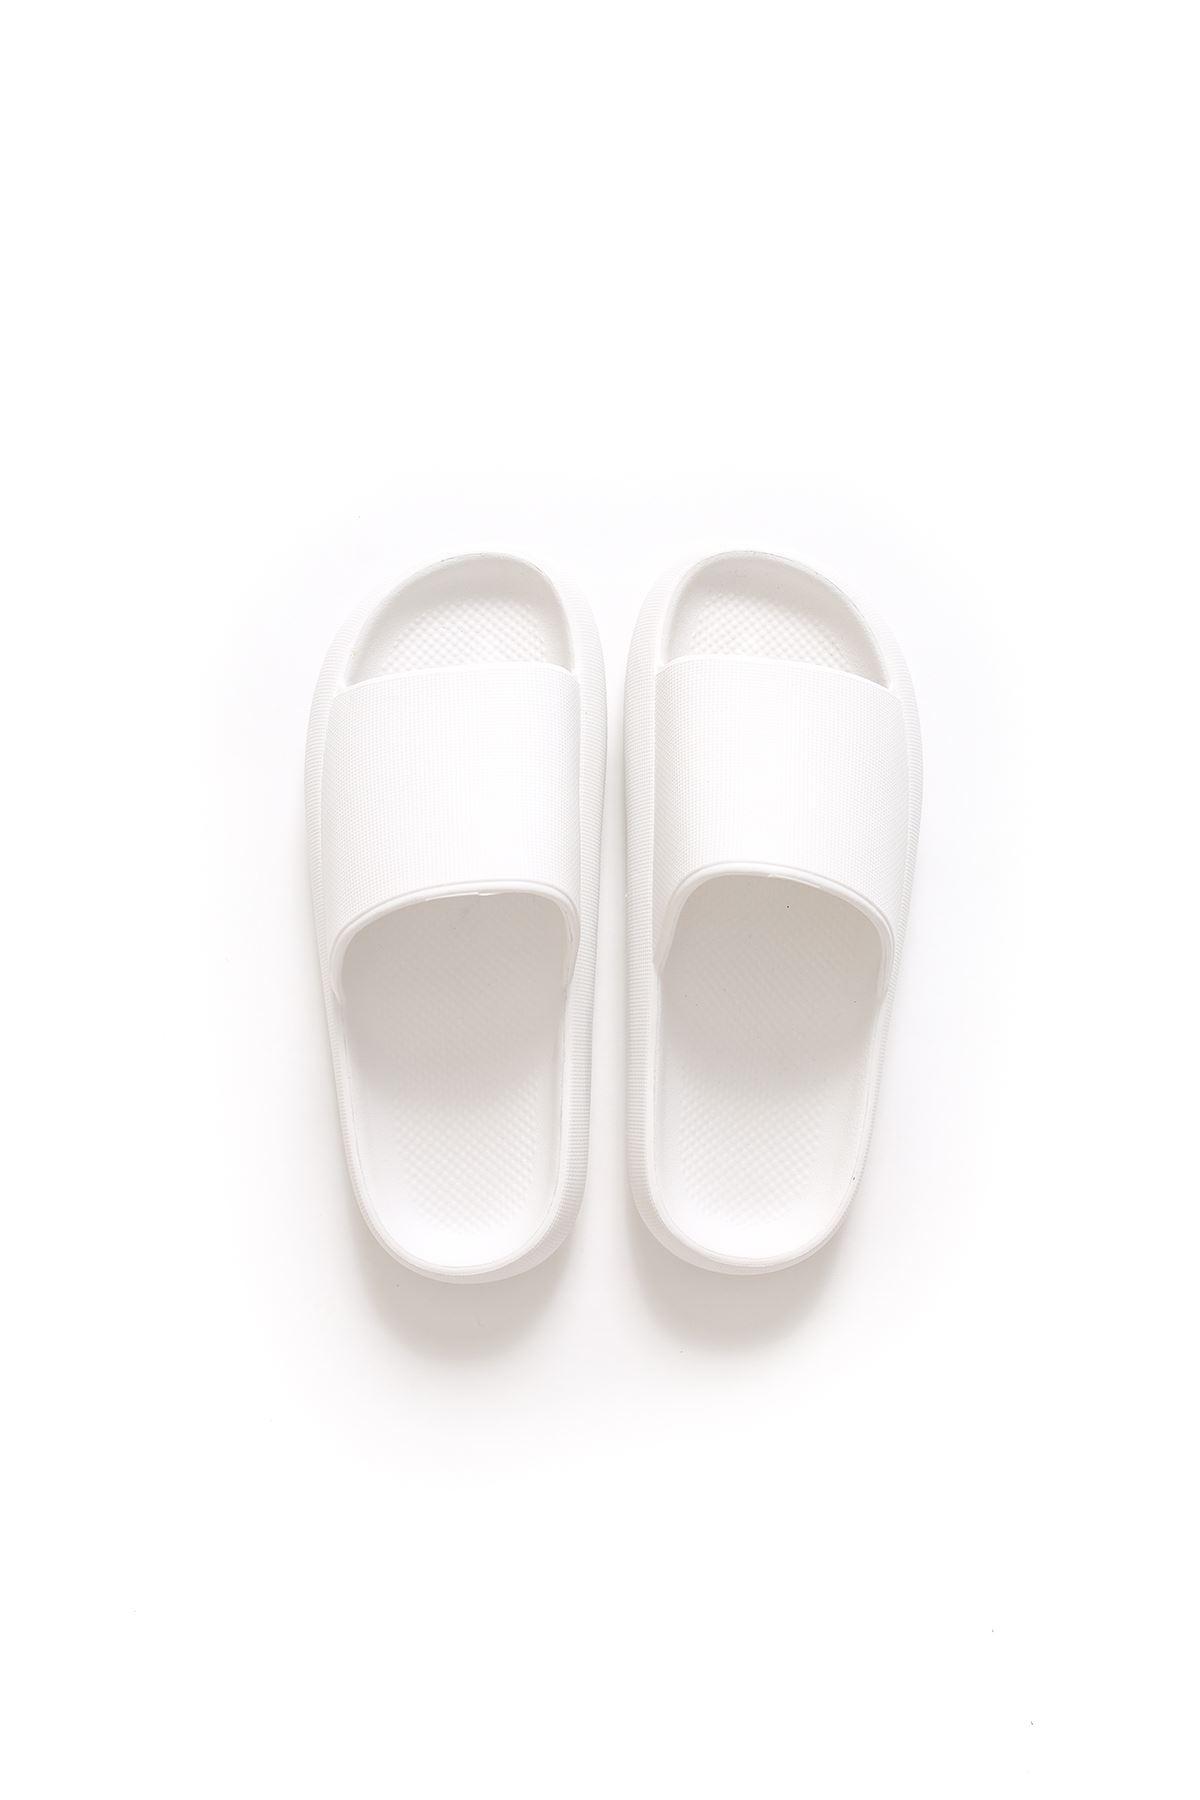 Beyaz Renk Tek Bantlı Terlik